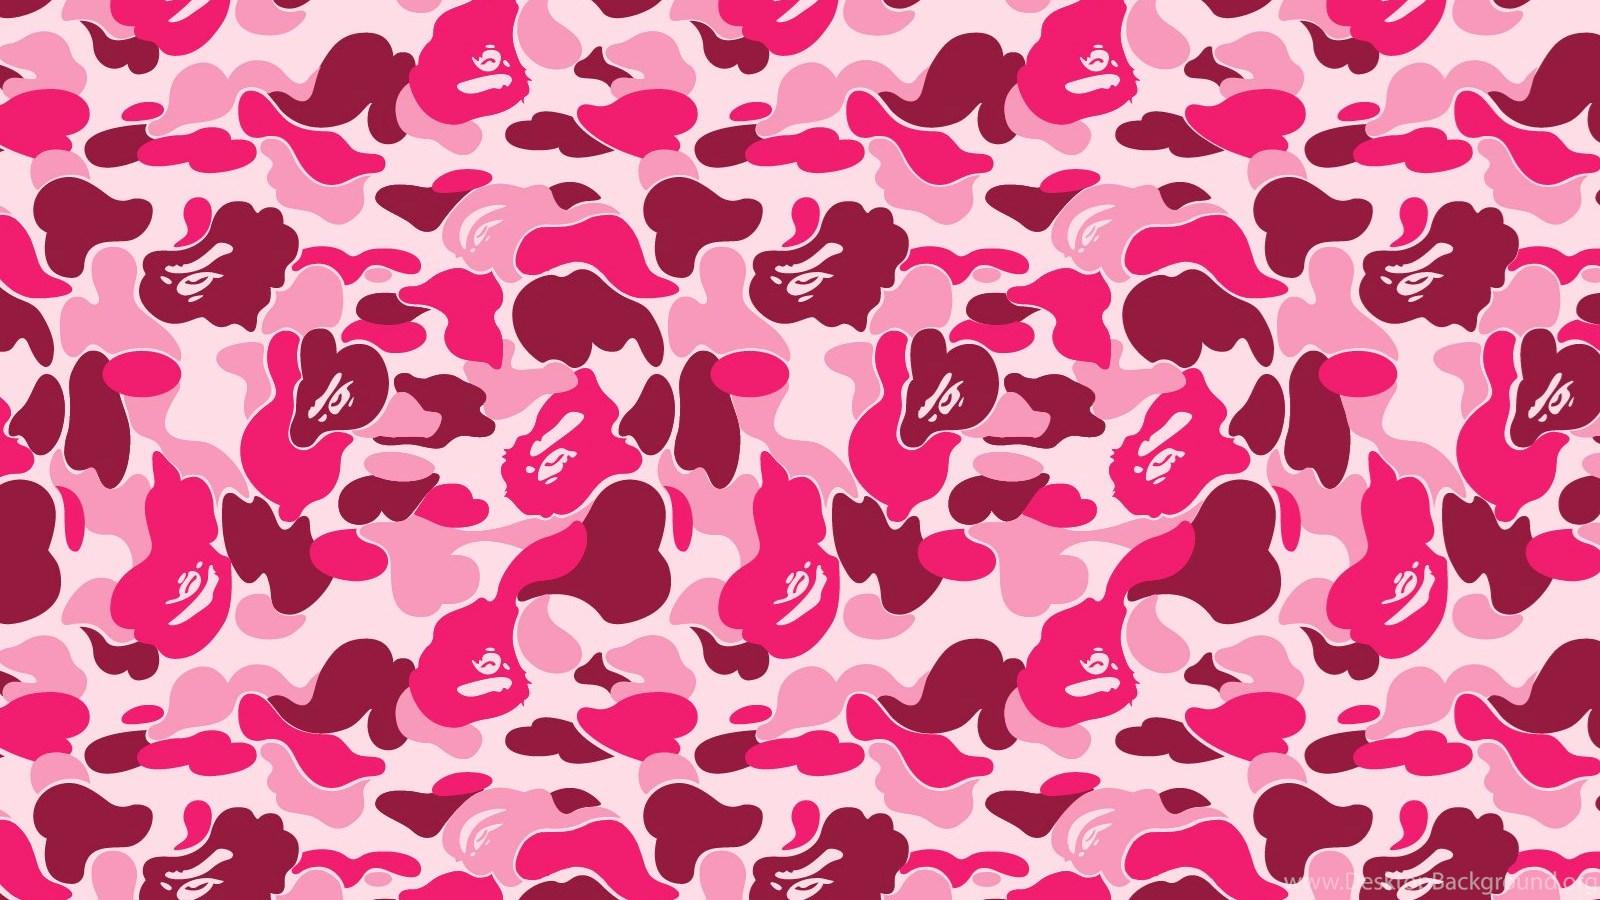 Iphone 3gs Wallpaper Hd 1000 Images About Bape Camo Wallpaper Desktop Pink Jpg